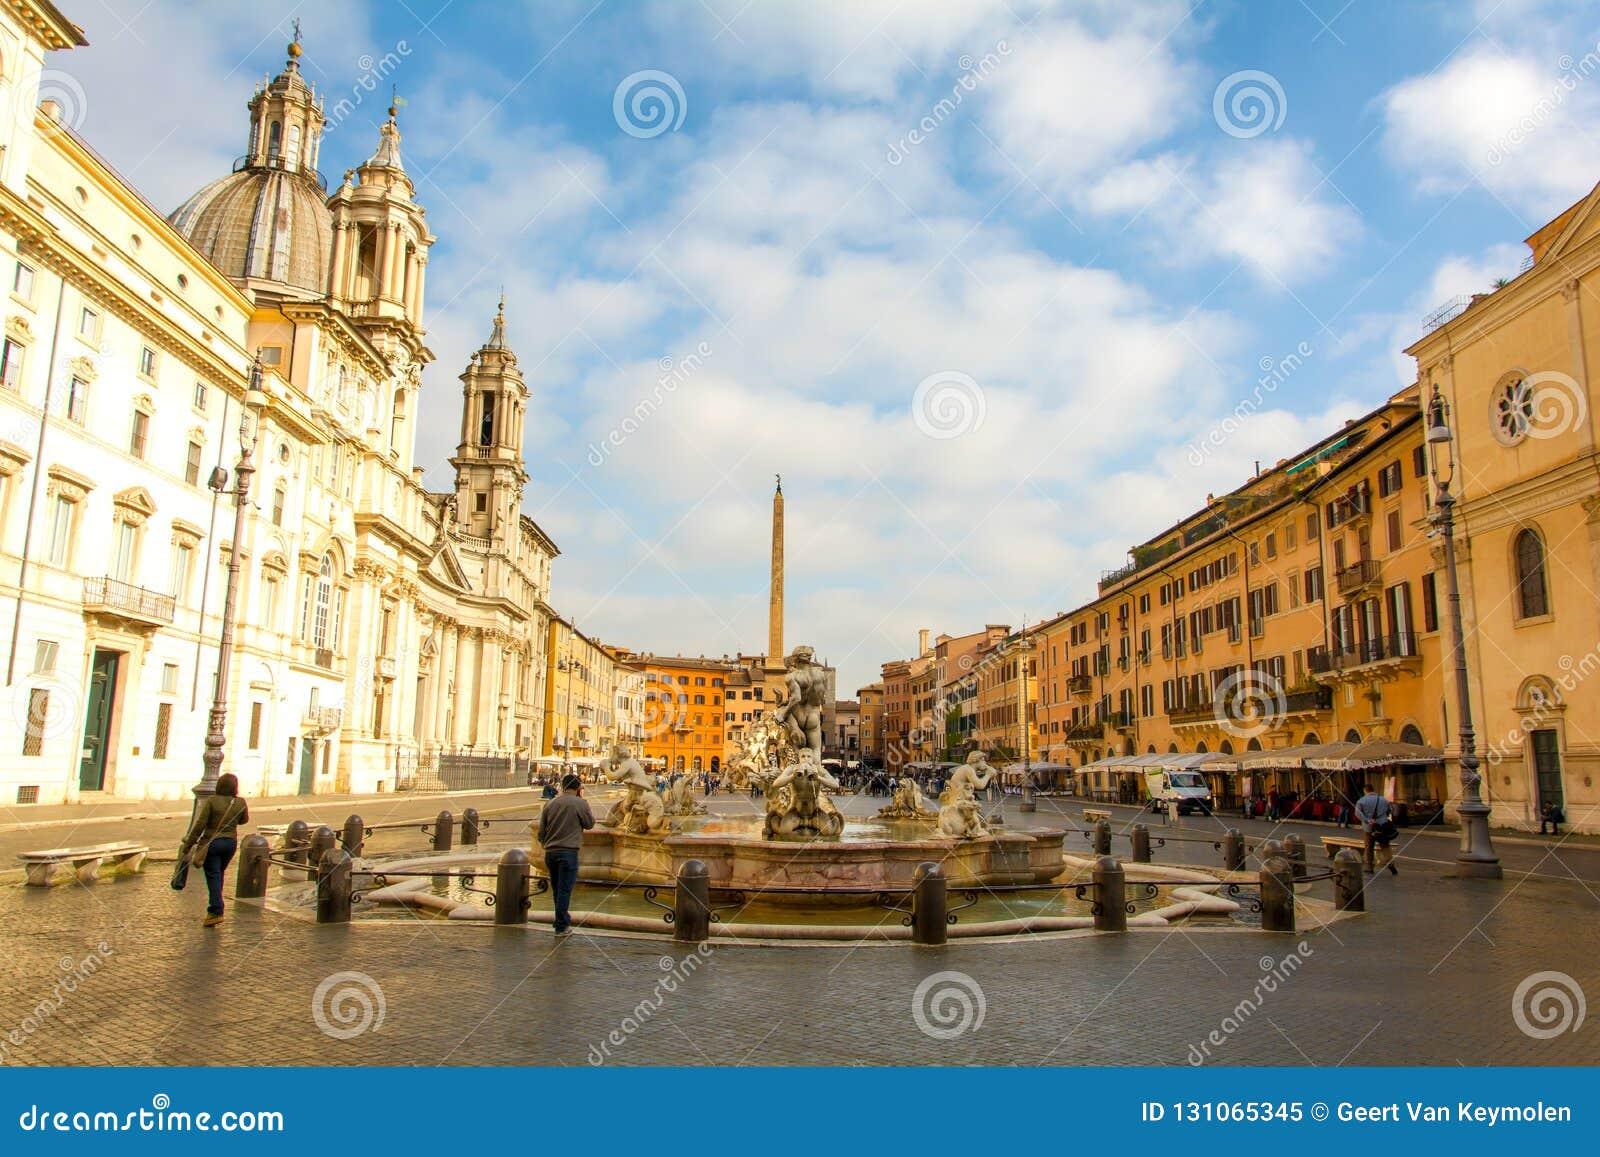 Ochtendmening van Piazza Navona in Rome